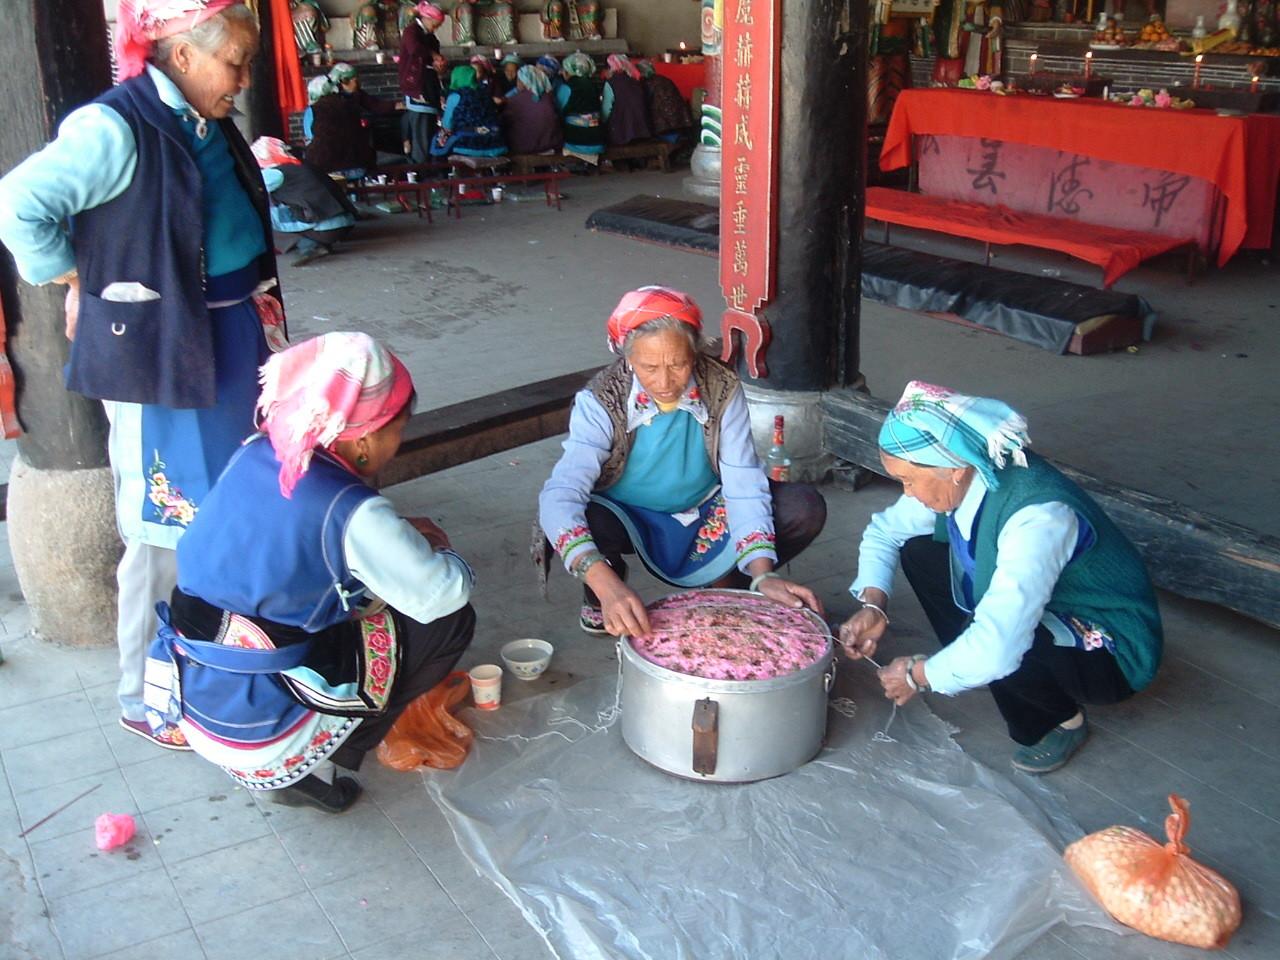 f:id:huixing:20111206044911j:image